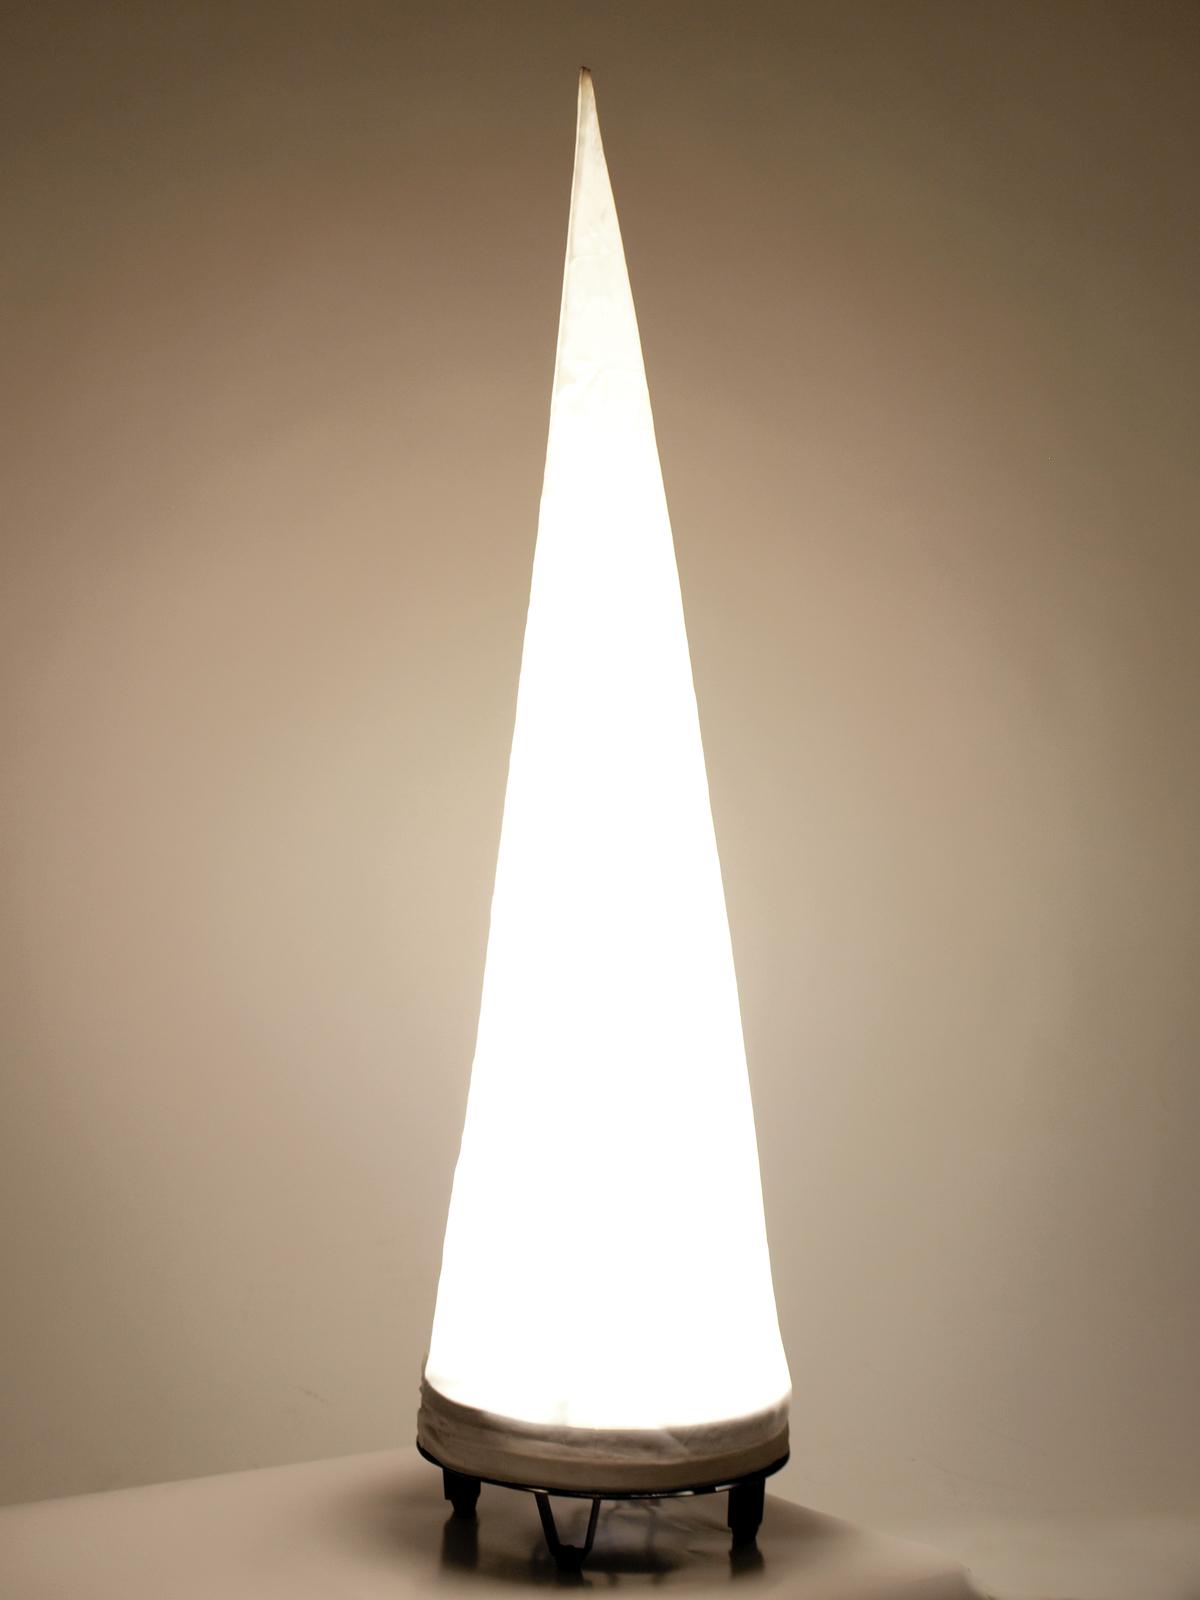 Lampada a cono decorativa 1 metro altezza 110W EUROLITE AC-100